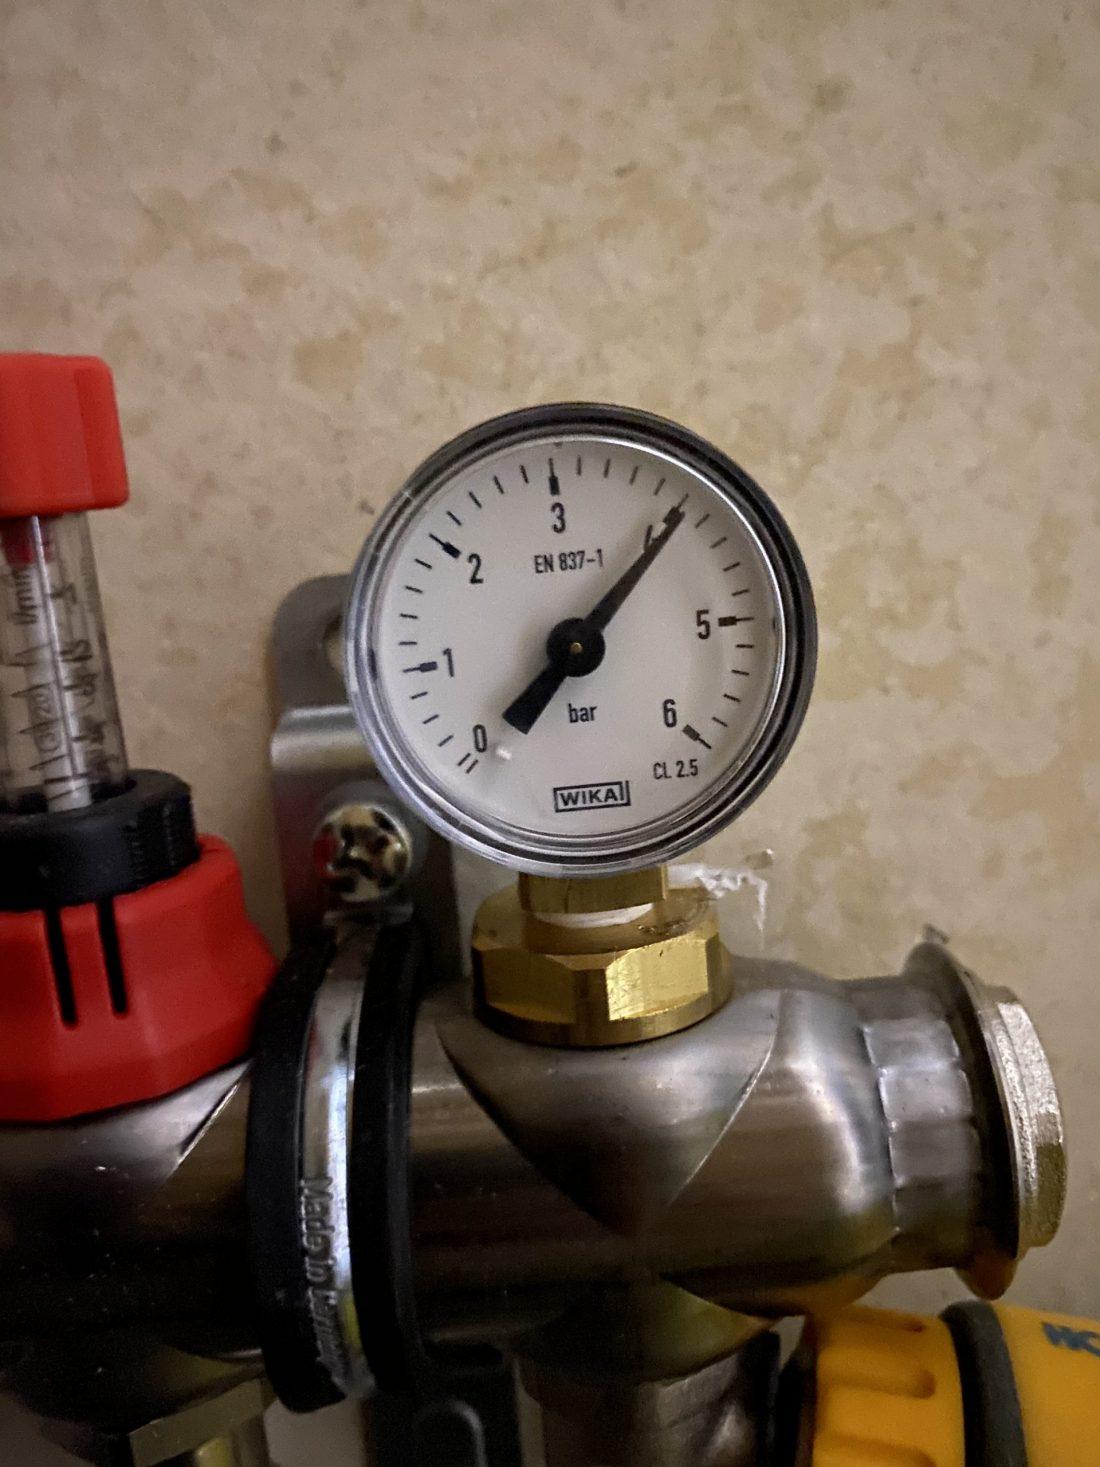 Pressure gauge at 4 bar